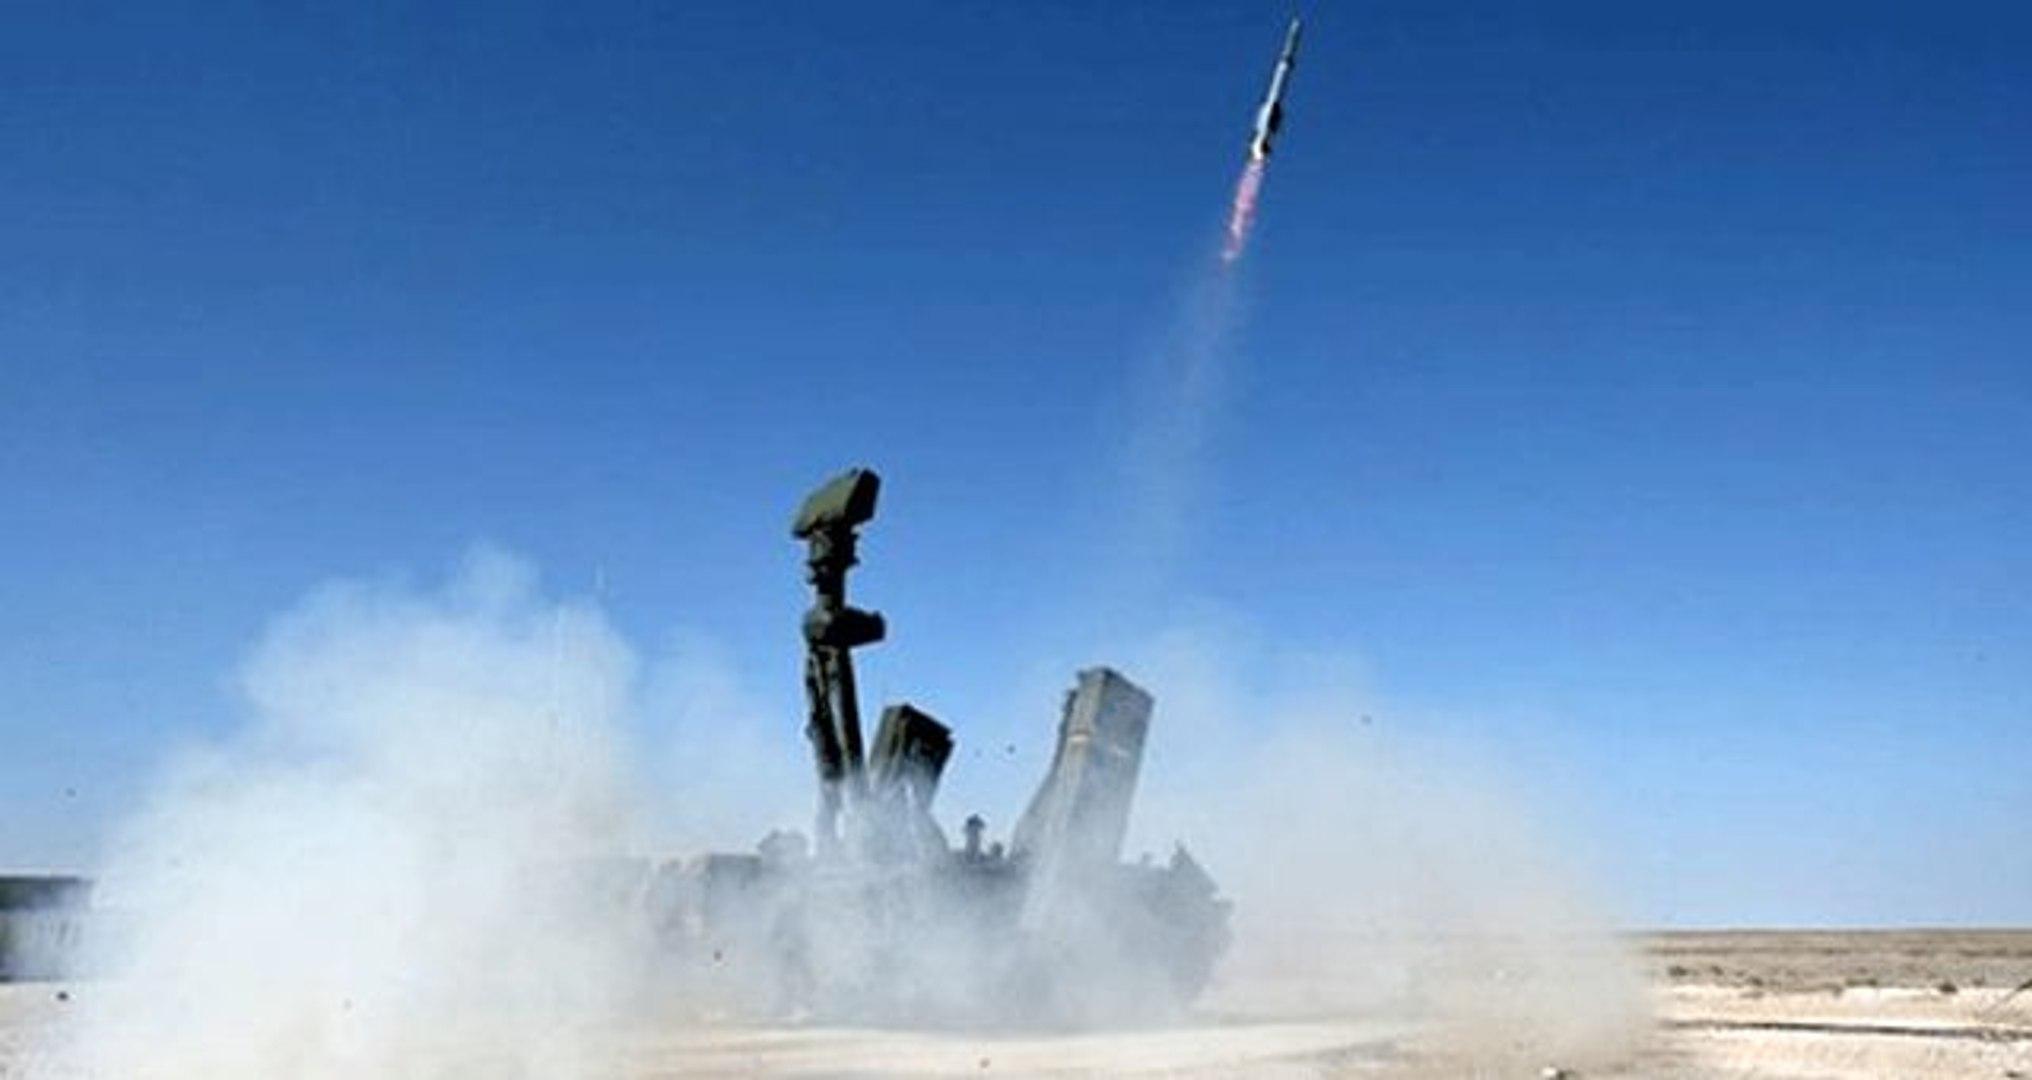 Yerli ve milli hava savunma sistemi HİSAR, 2020'de TSK envanterine girecek